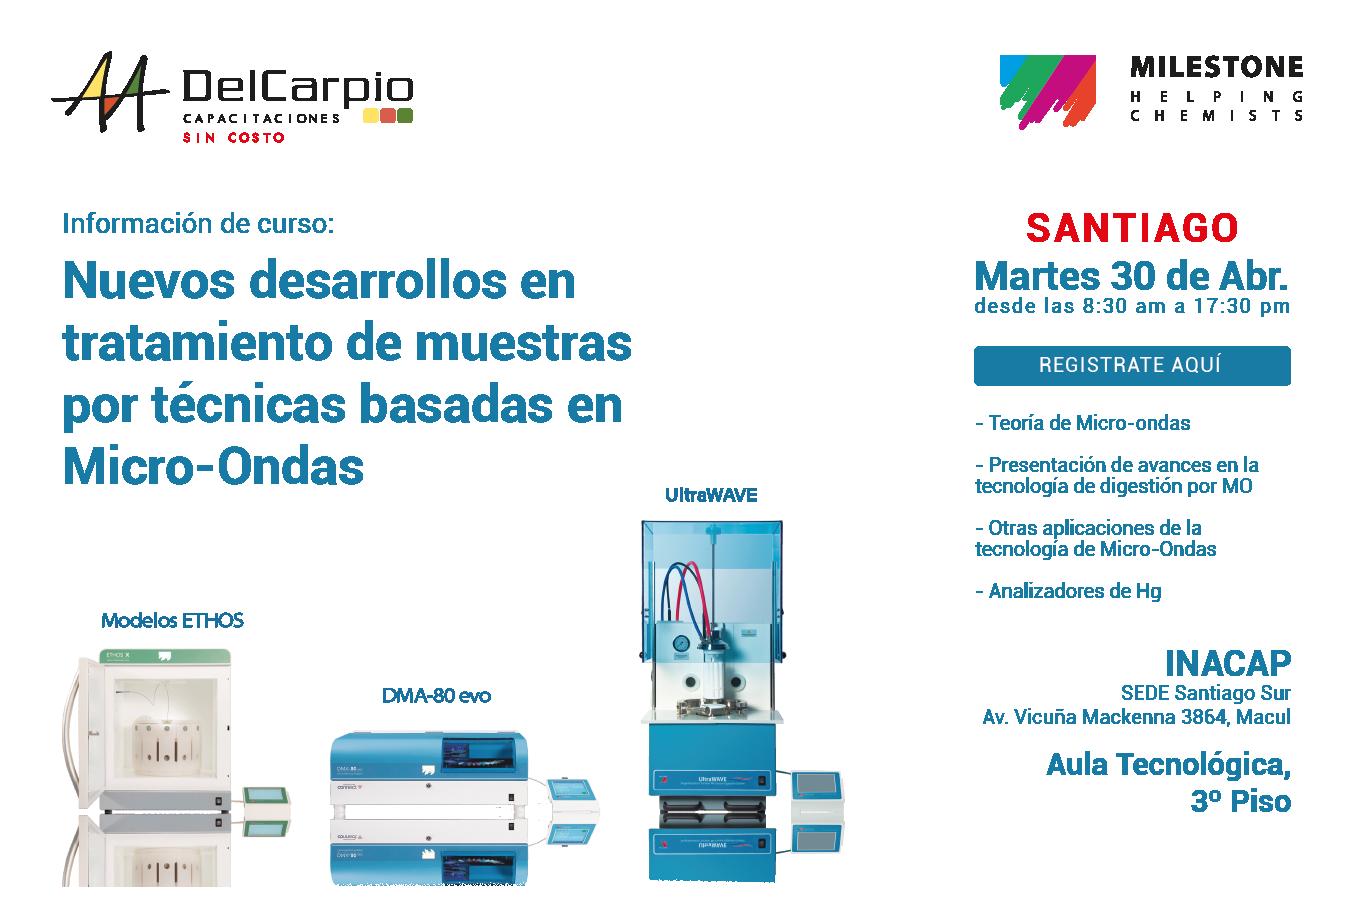 Santiago – 30 Abril 2019 – Nuevos desarrollos en tratamiento de muestras por técnicas basadas en Micro-Ondas